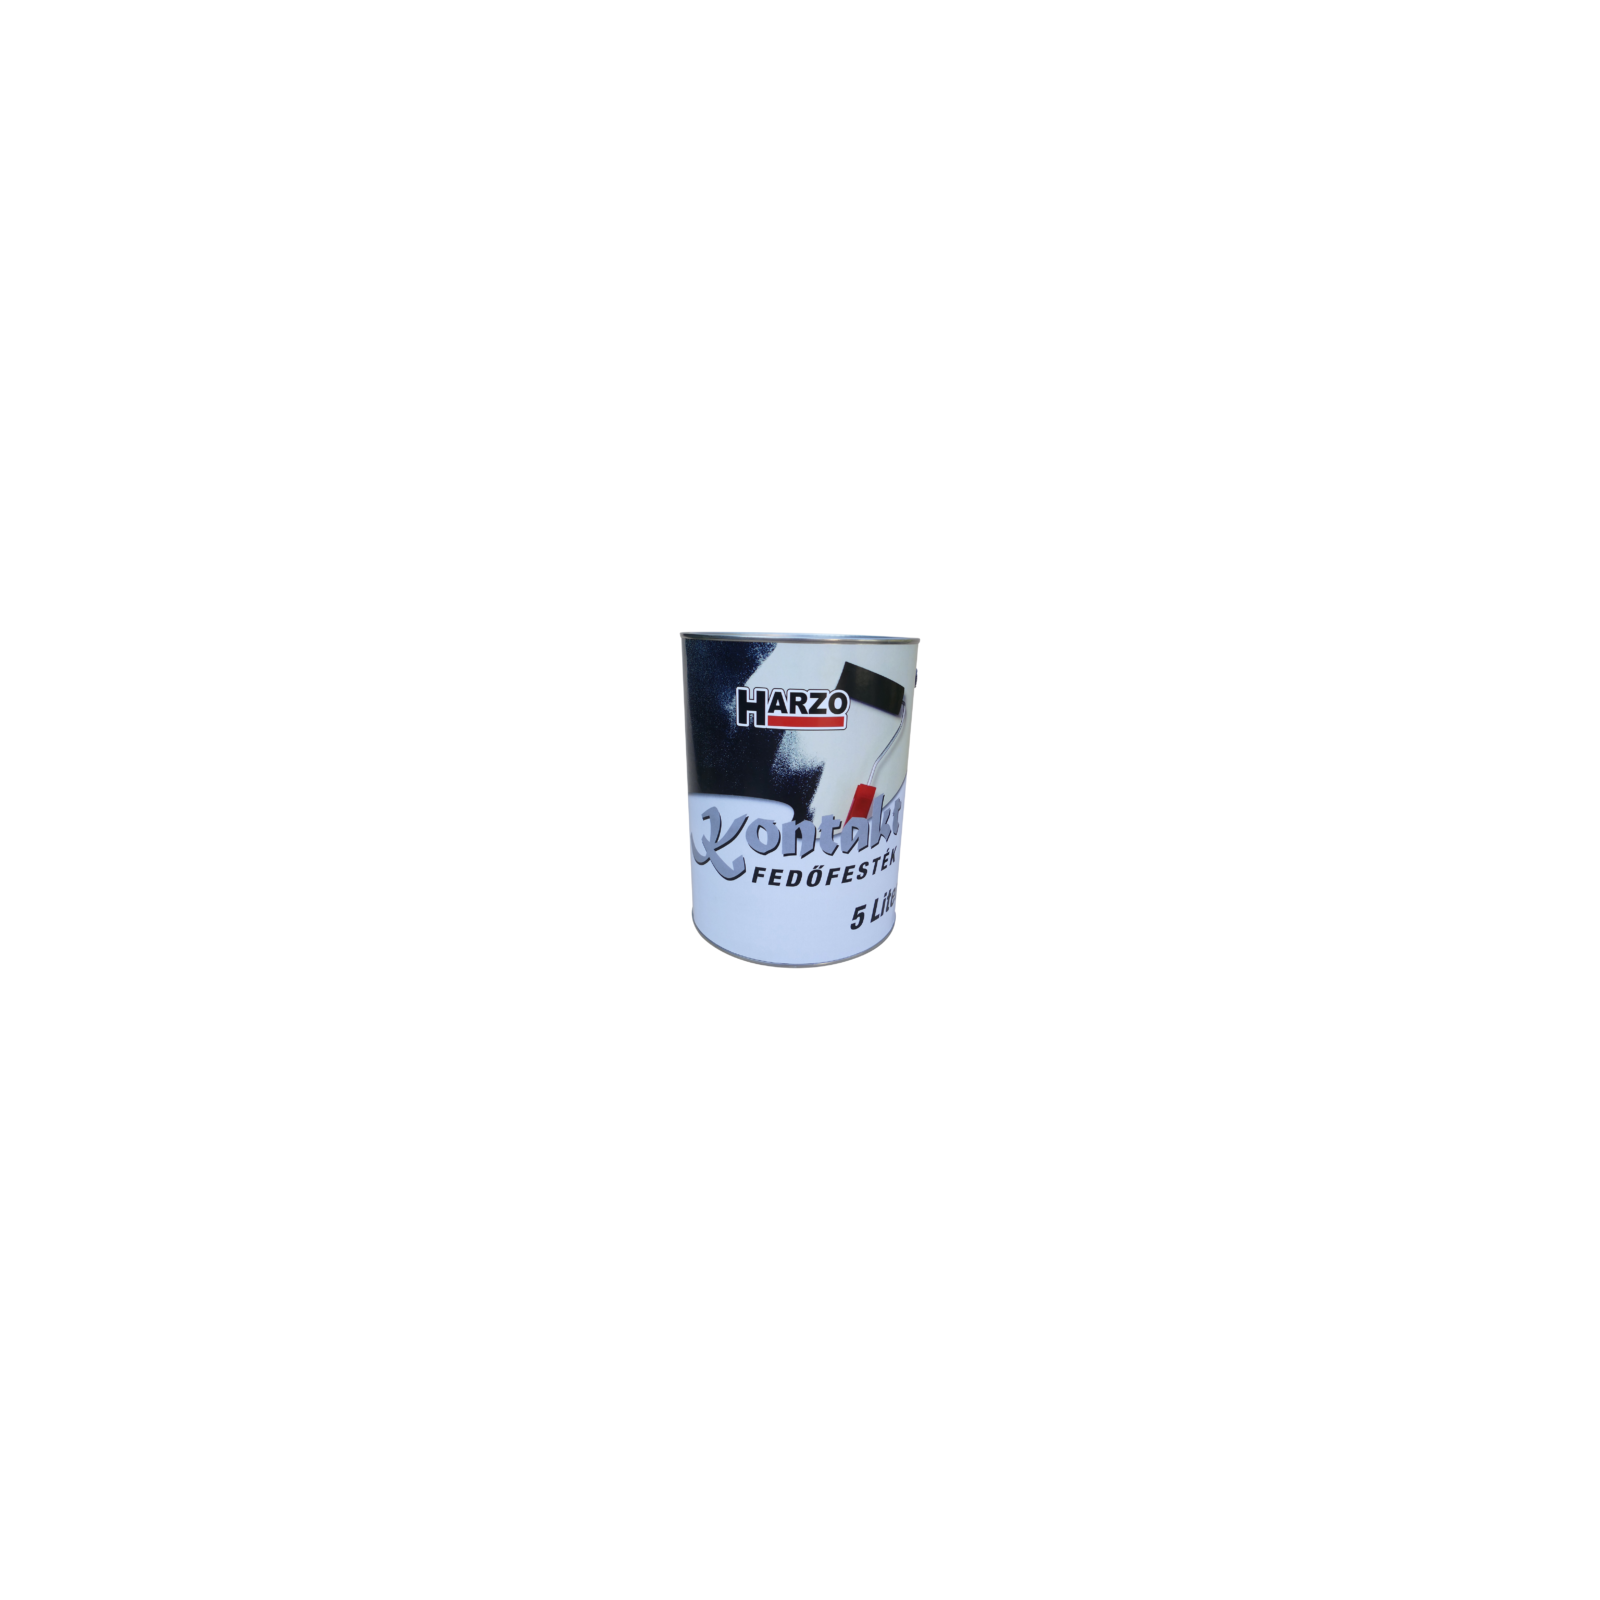 HARZO Kontakt fedőfesték [5 liter]